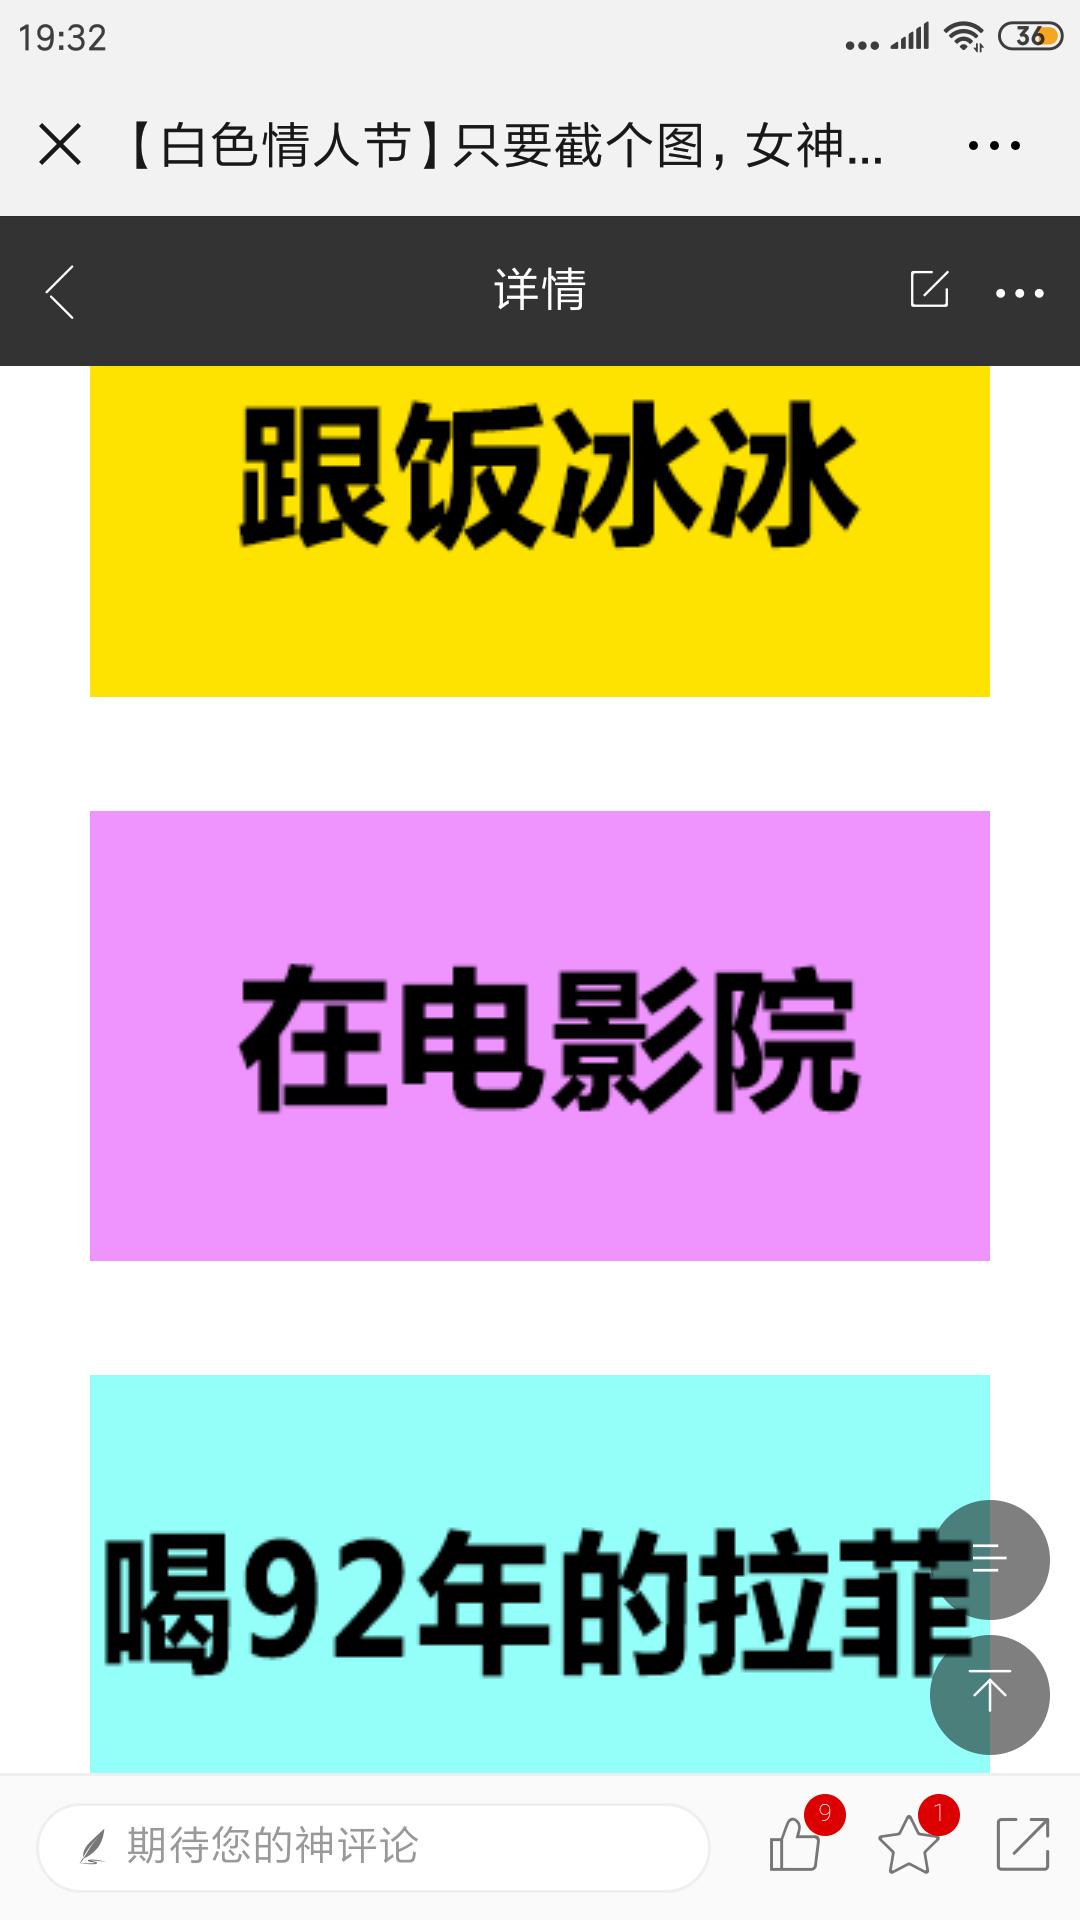 Screenshot_2019-03-13-19-32-02-723_com.tencent.mm.png